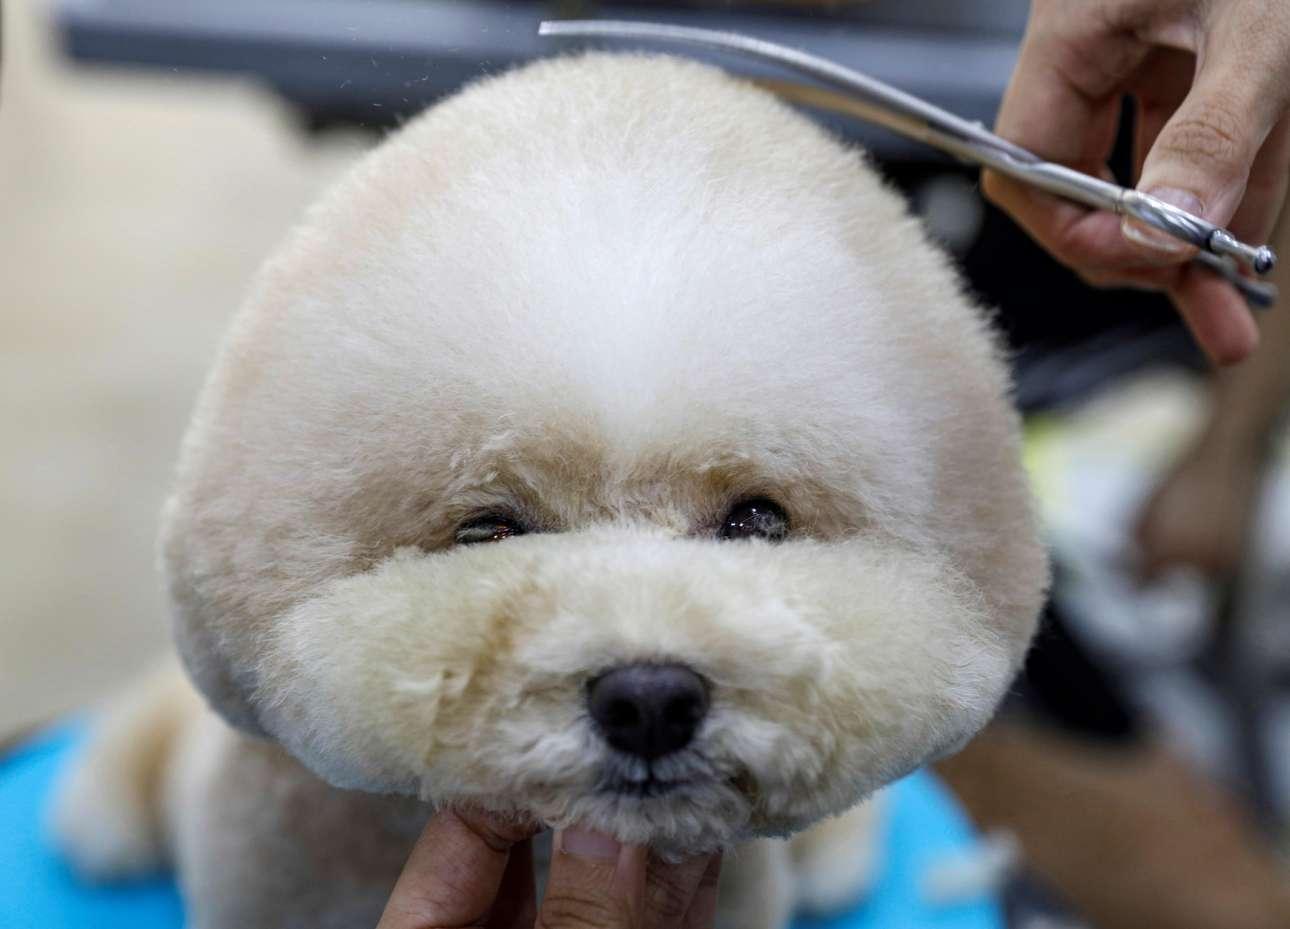 Αν δεν είσαι ανώνυμος και αυτεξούσιος αλητόσκυλος αλλά Maltese Poodle με τ' όνομα, αυτά παθαίνεις. Μην κλάψεις, δεν σε λυπάται κανένας στη Σιγκαπούρη